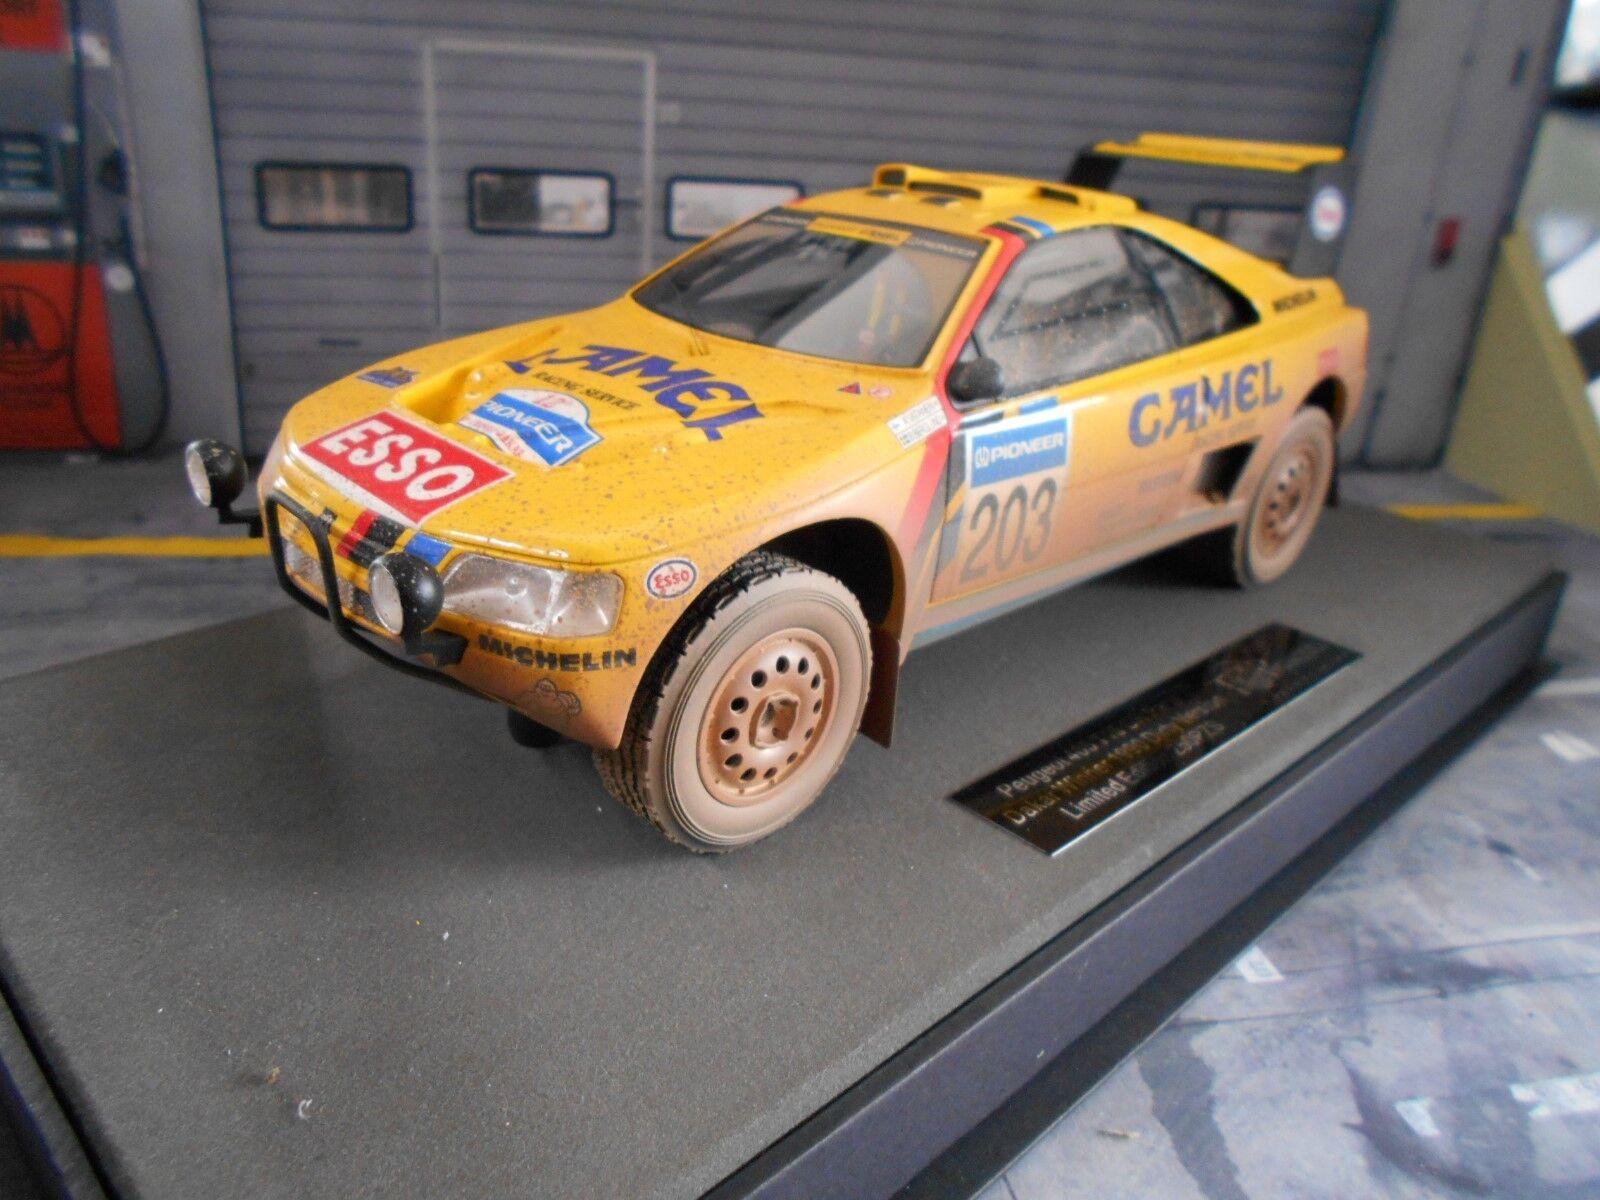 PEUGEOT 405 GT t16 Paris Dakar Winner RAID 1990 Dirty Vatanen Top Marques 1 18